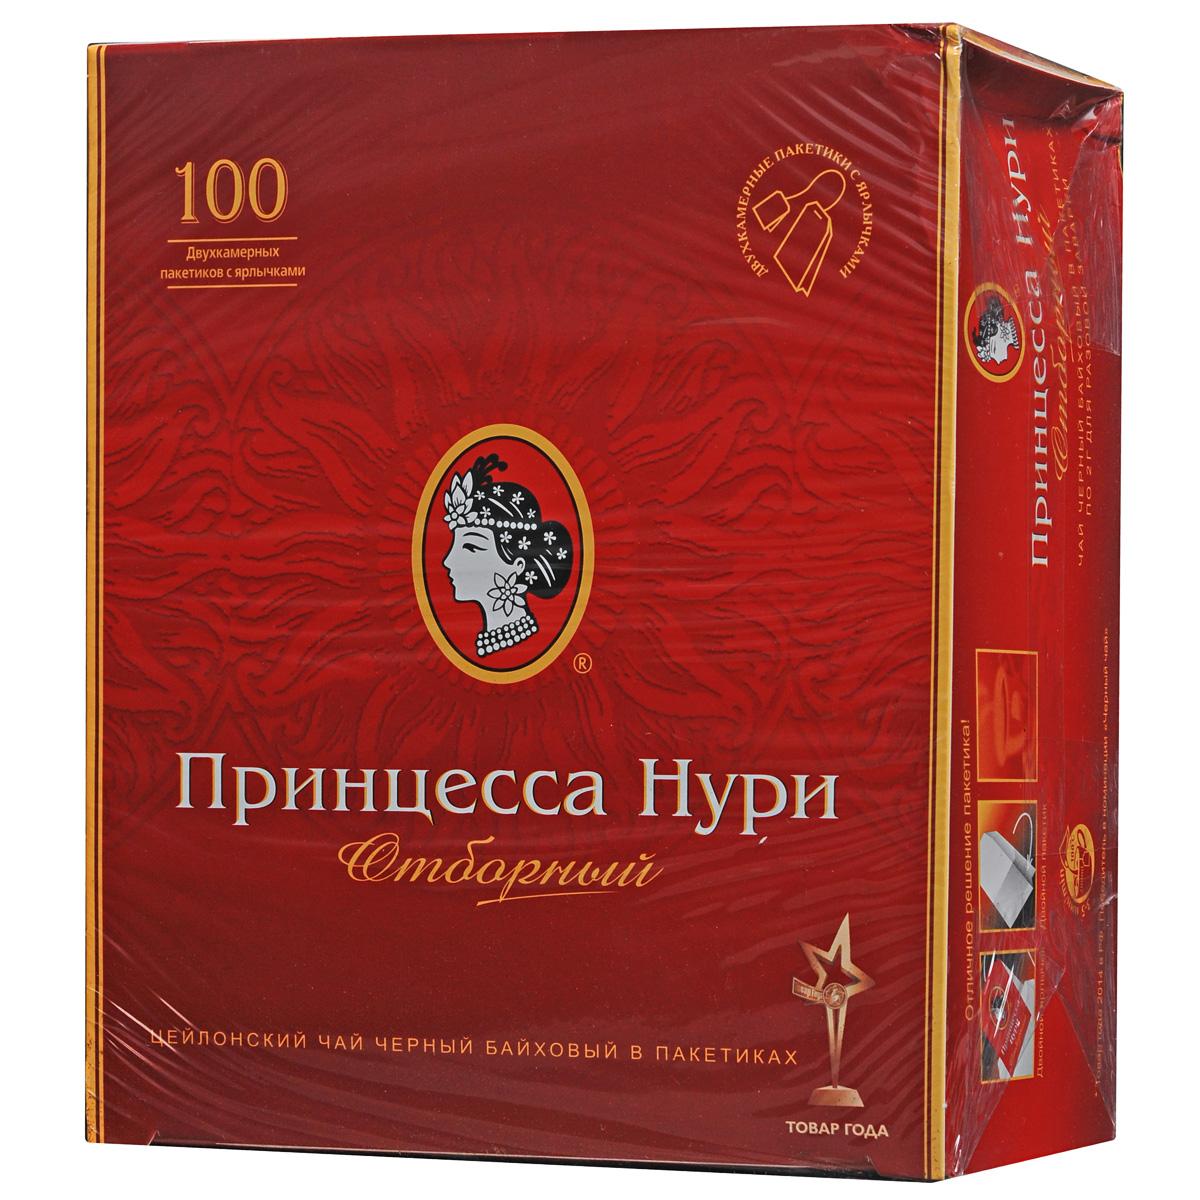 Принцесса Нури Отборный черный чай в пакетиках, 100 шт0327-18Пакетированный черный чай Принцесса Нури Отборный сочетает в себе благородный вкус и нежный аромат превосходного листового цейлонского чая.